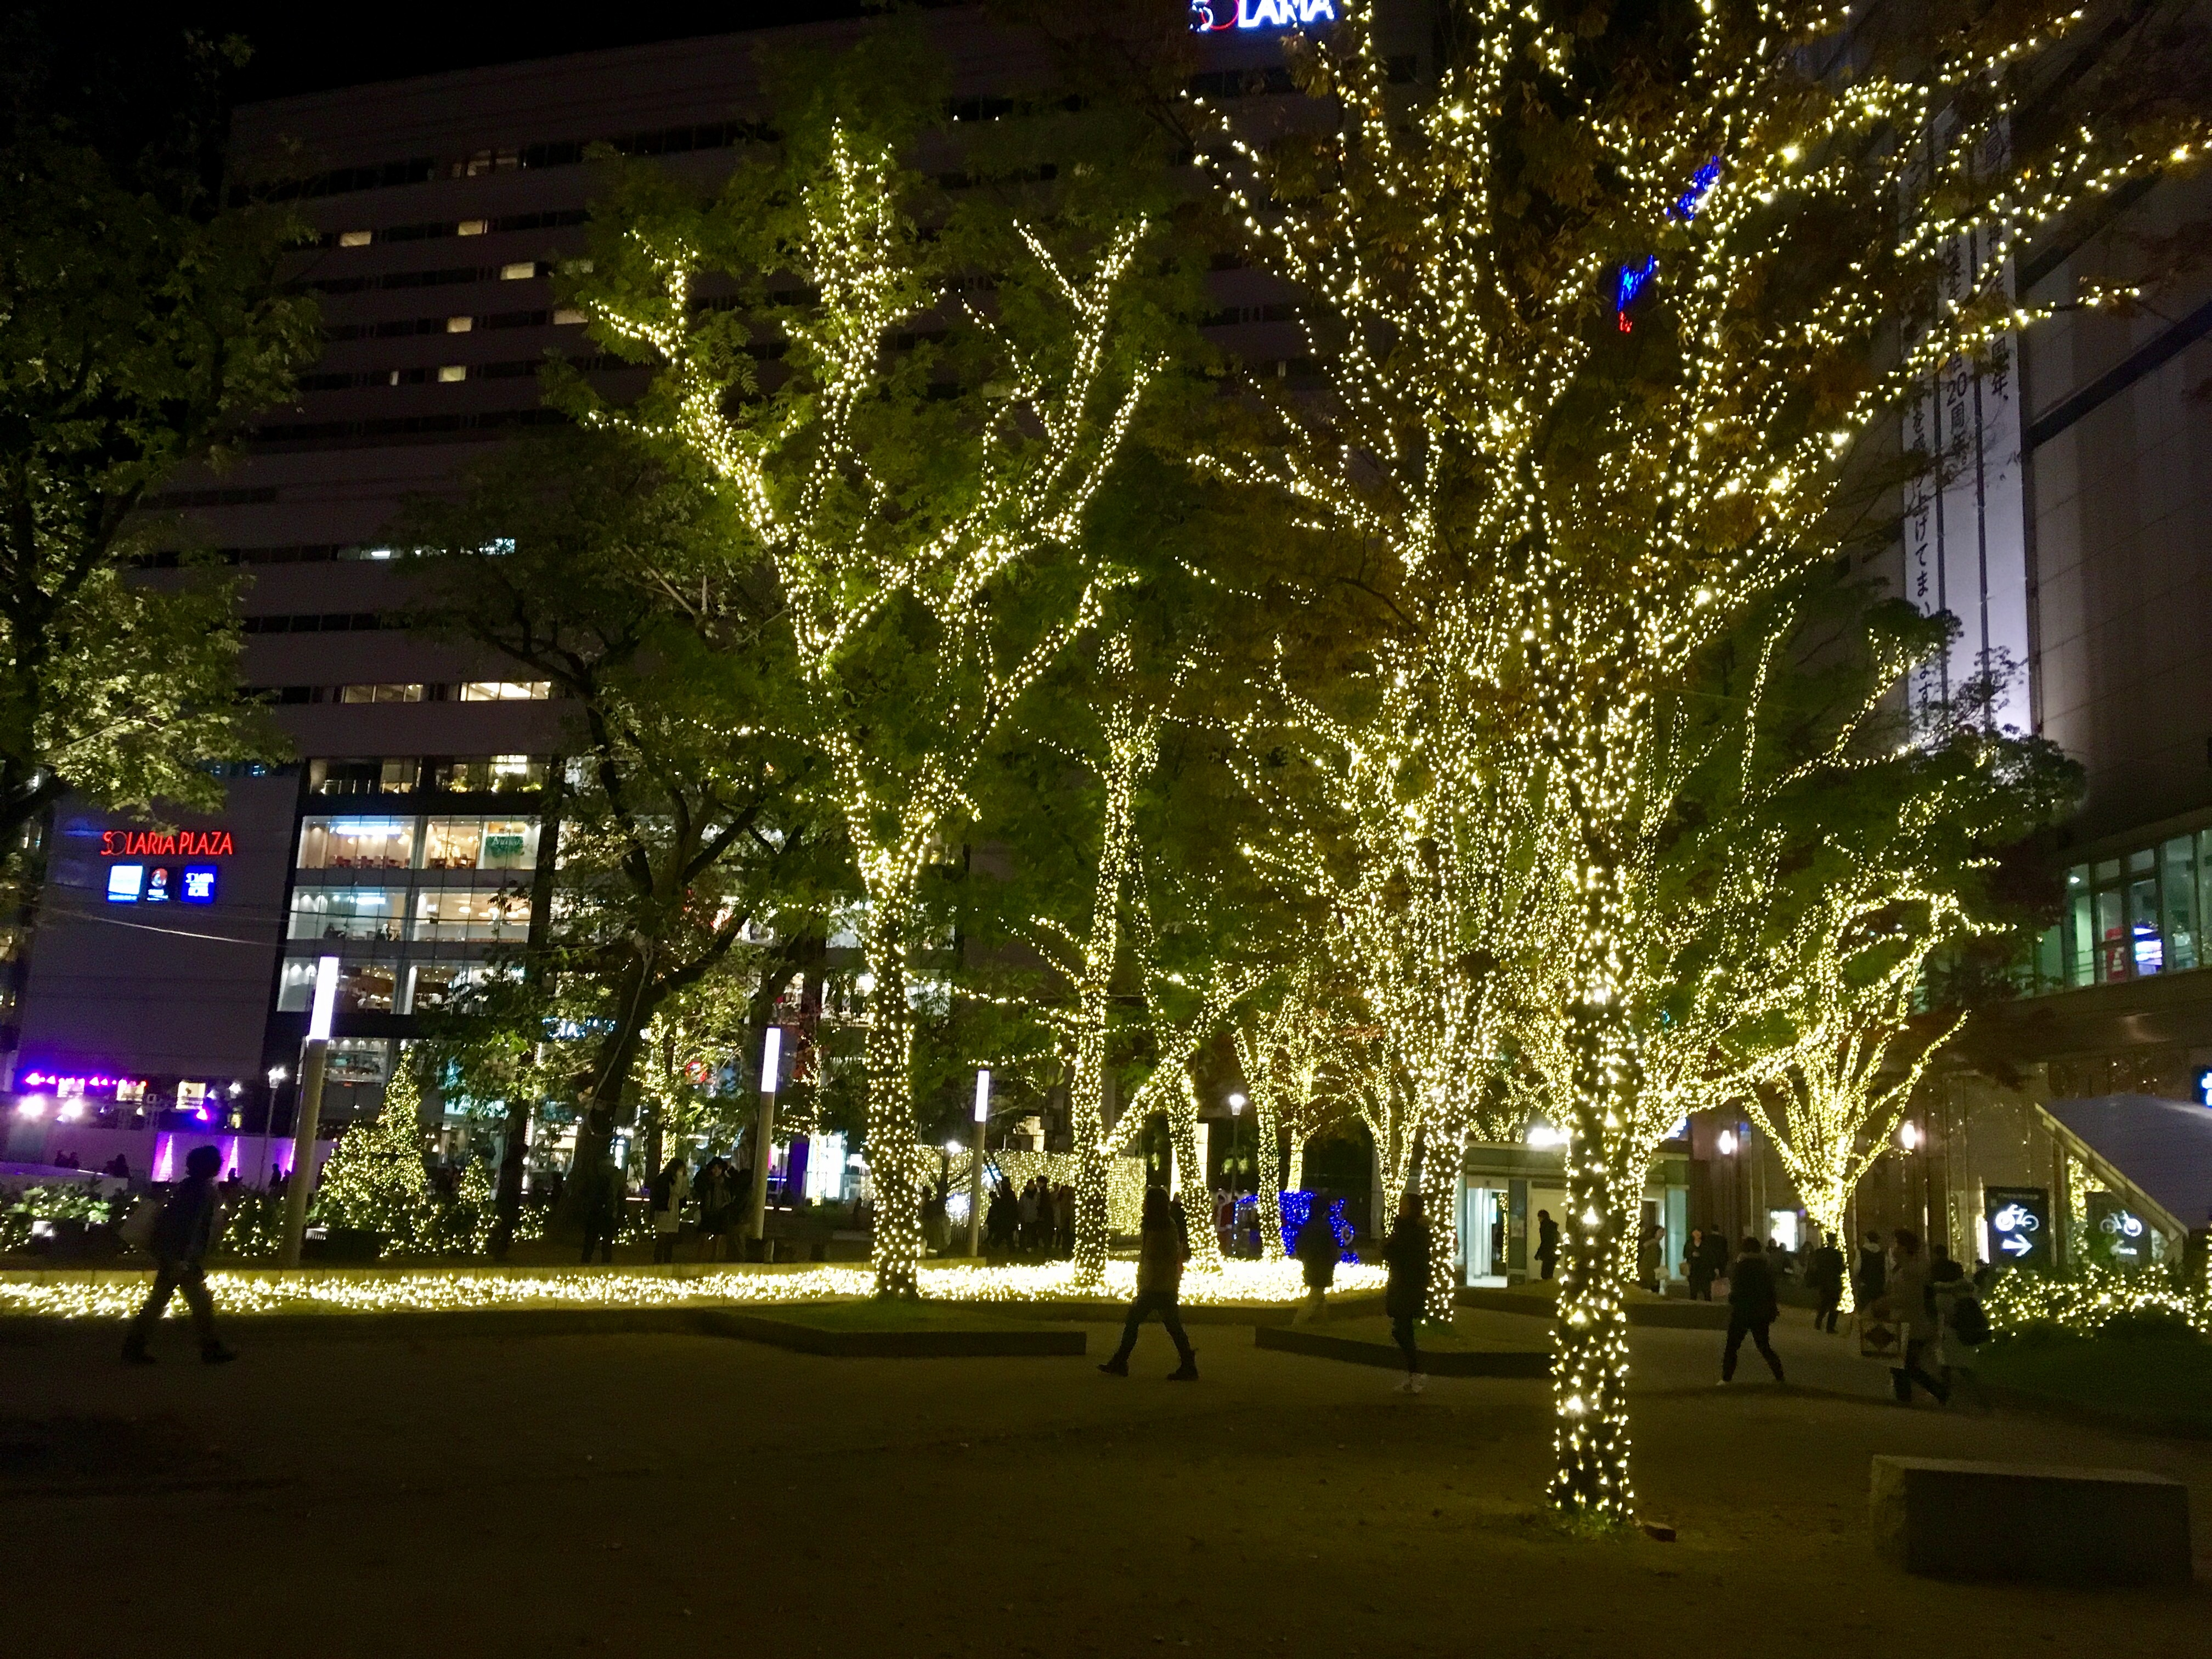 ヒカリスクエア警固公園ライトアップ